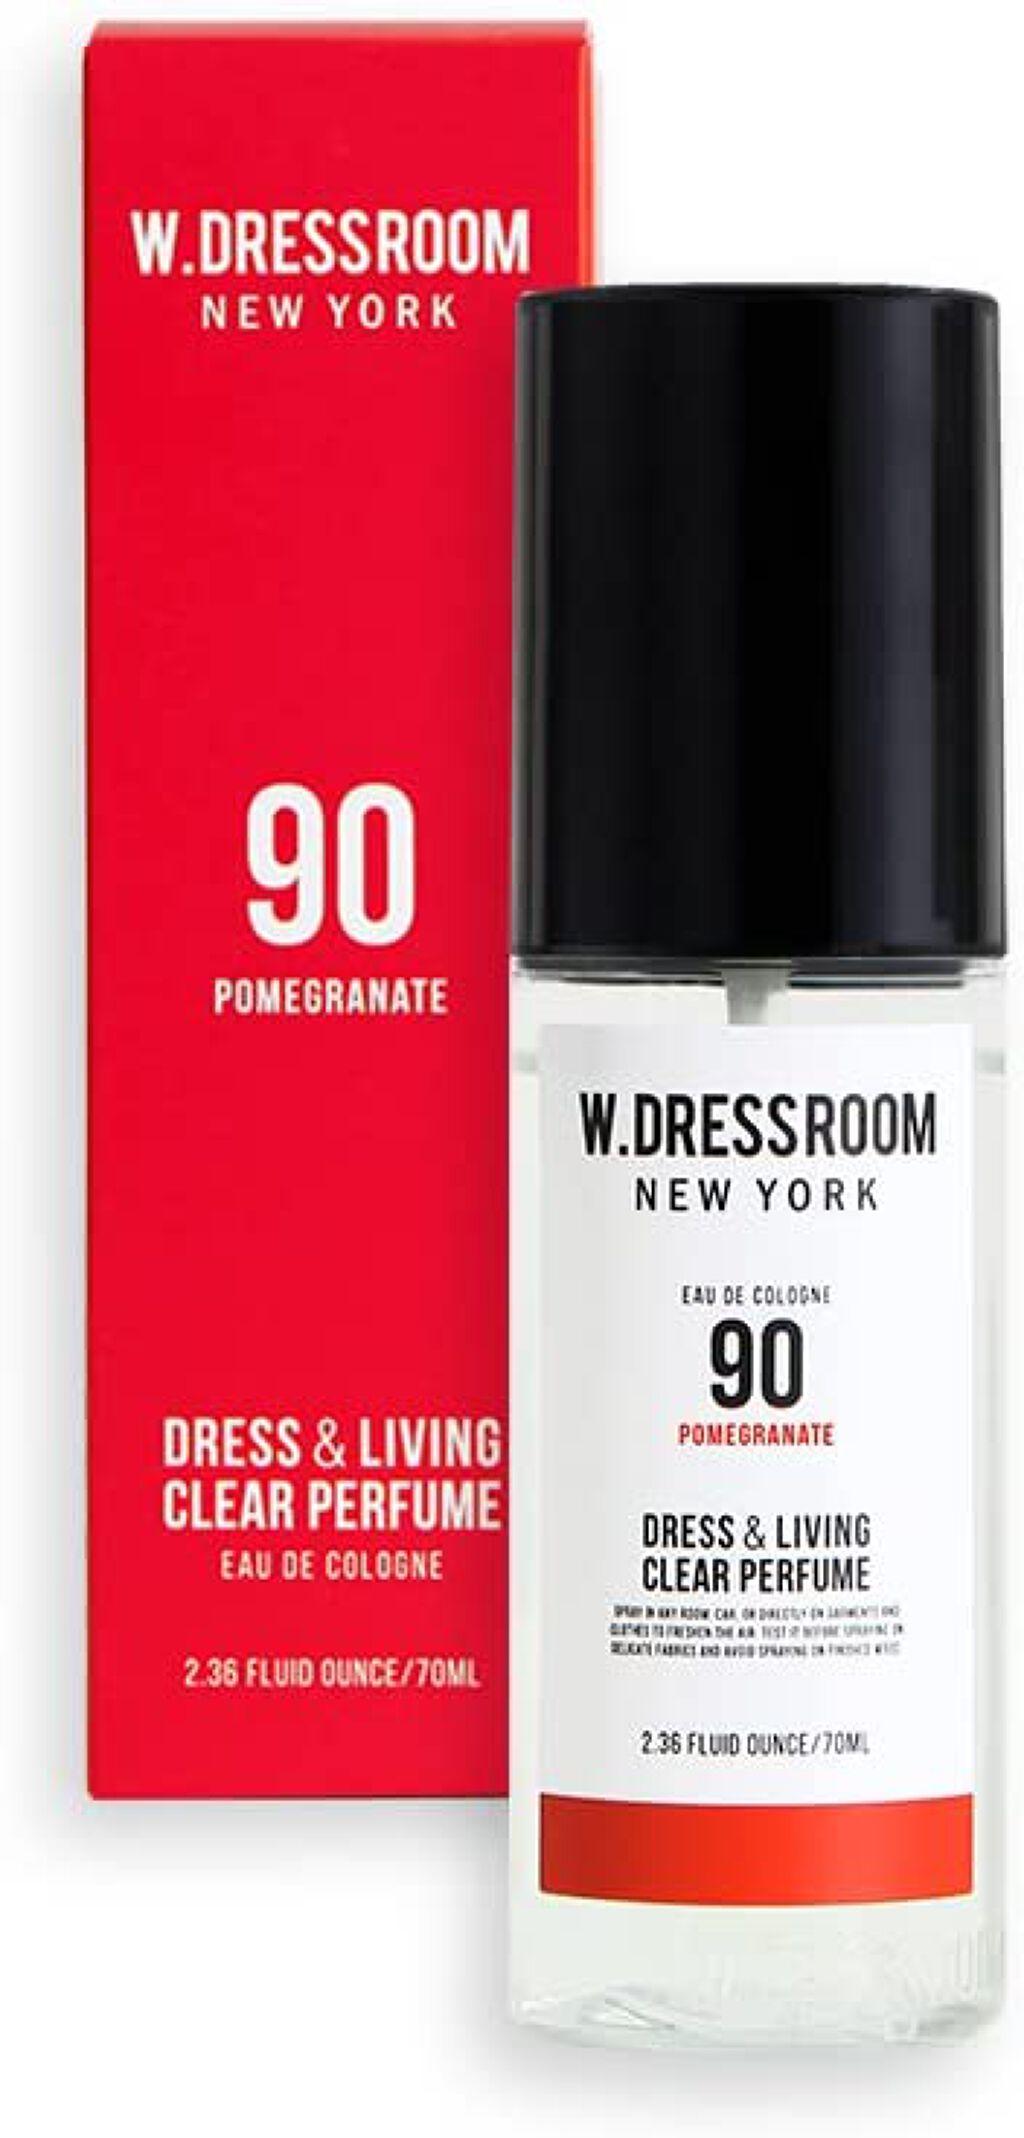 ドレス&リビング クリーン パフューム No.90 ポムグラネイト